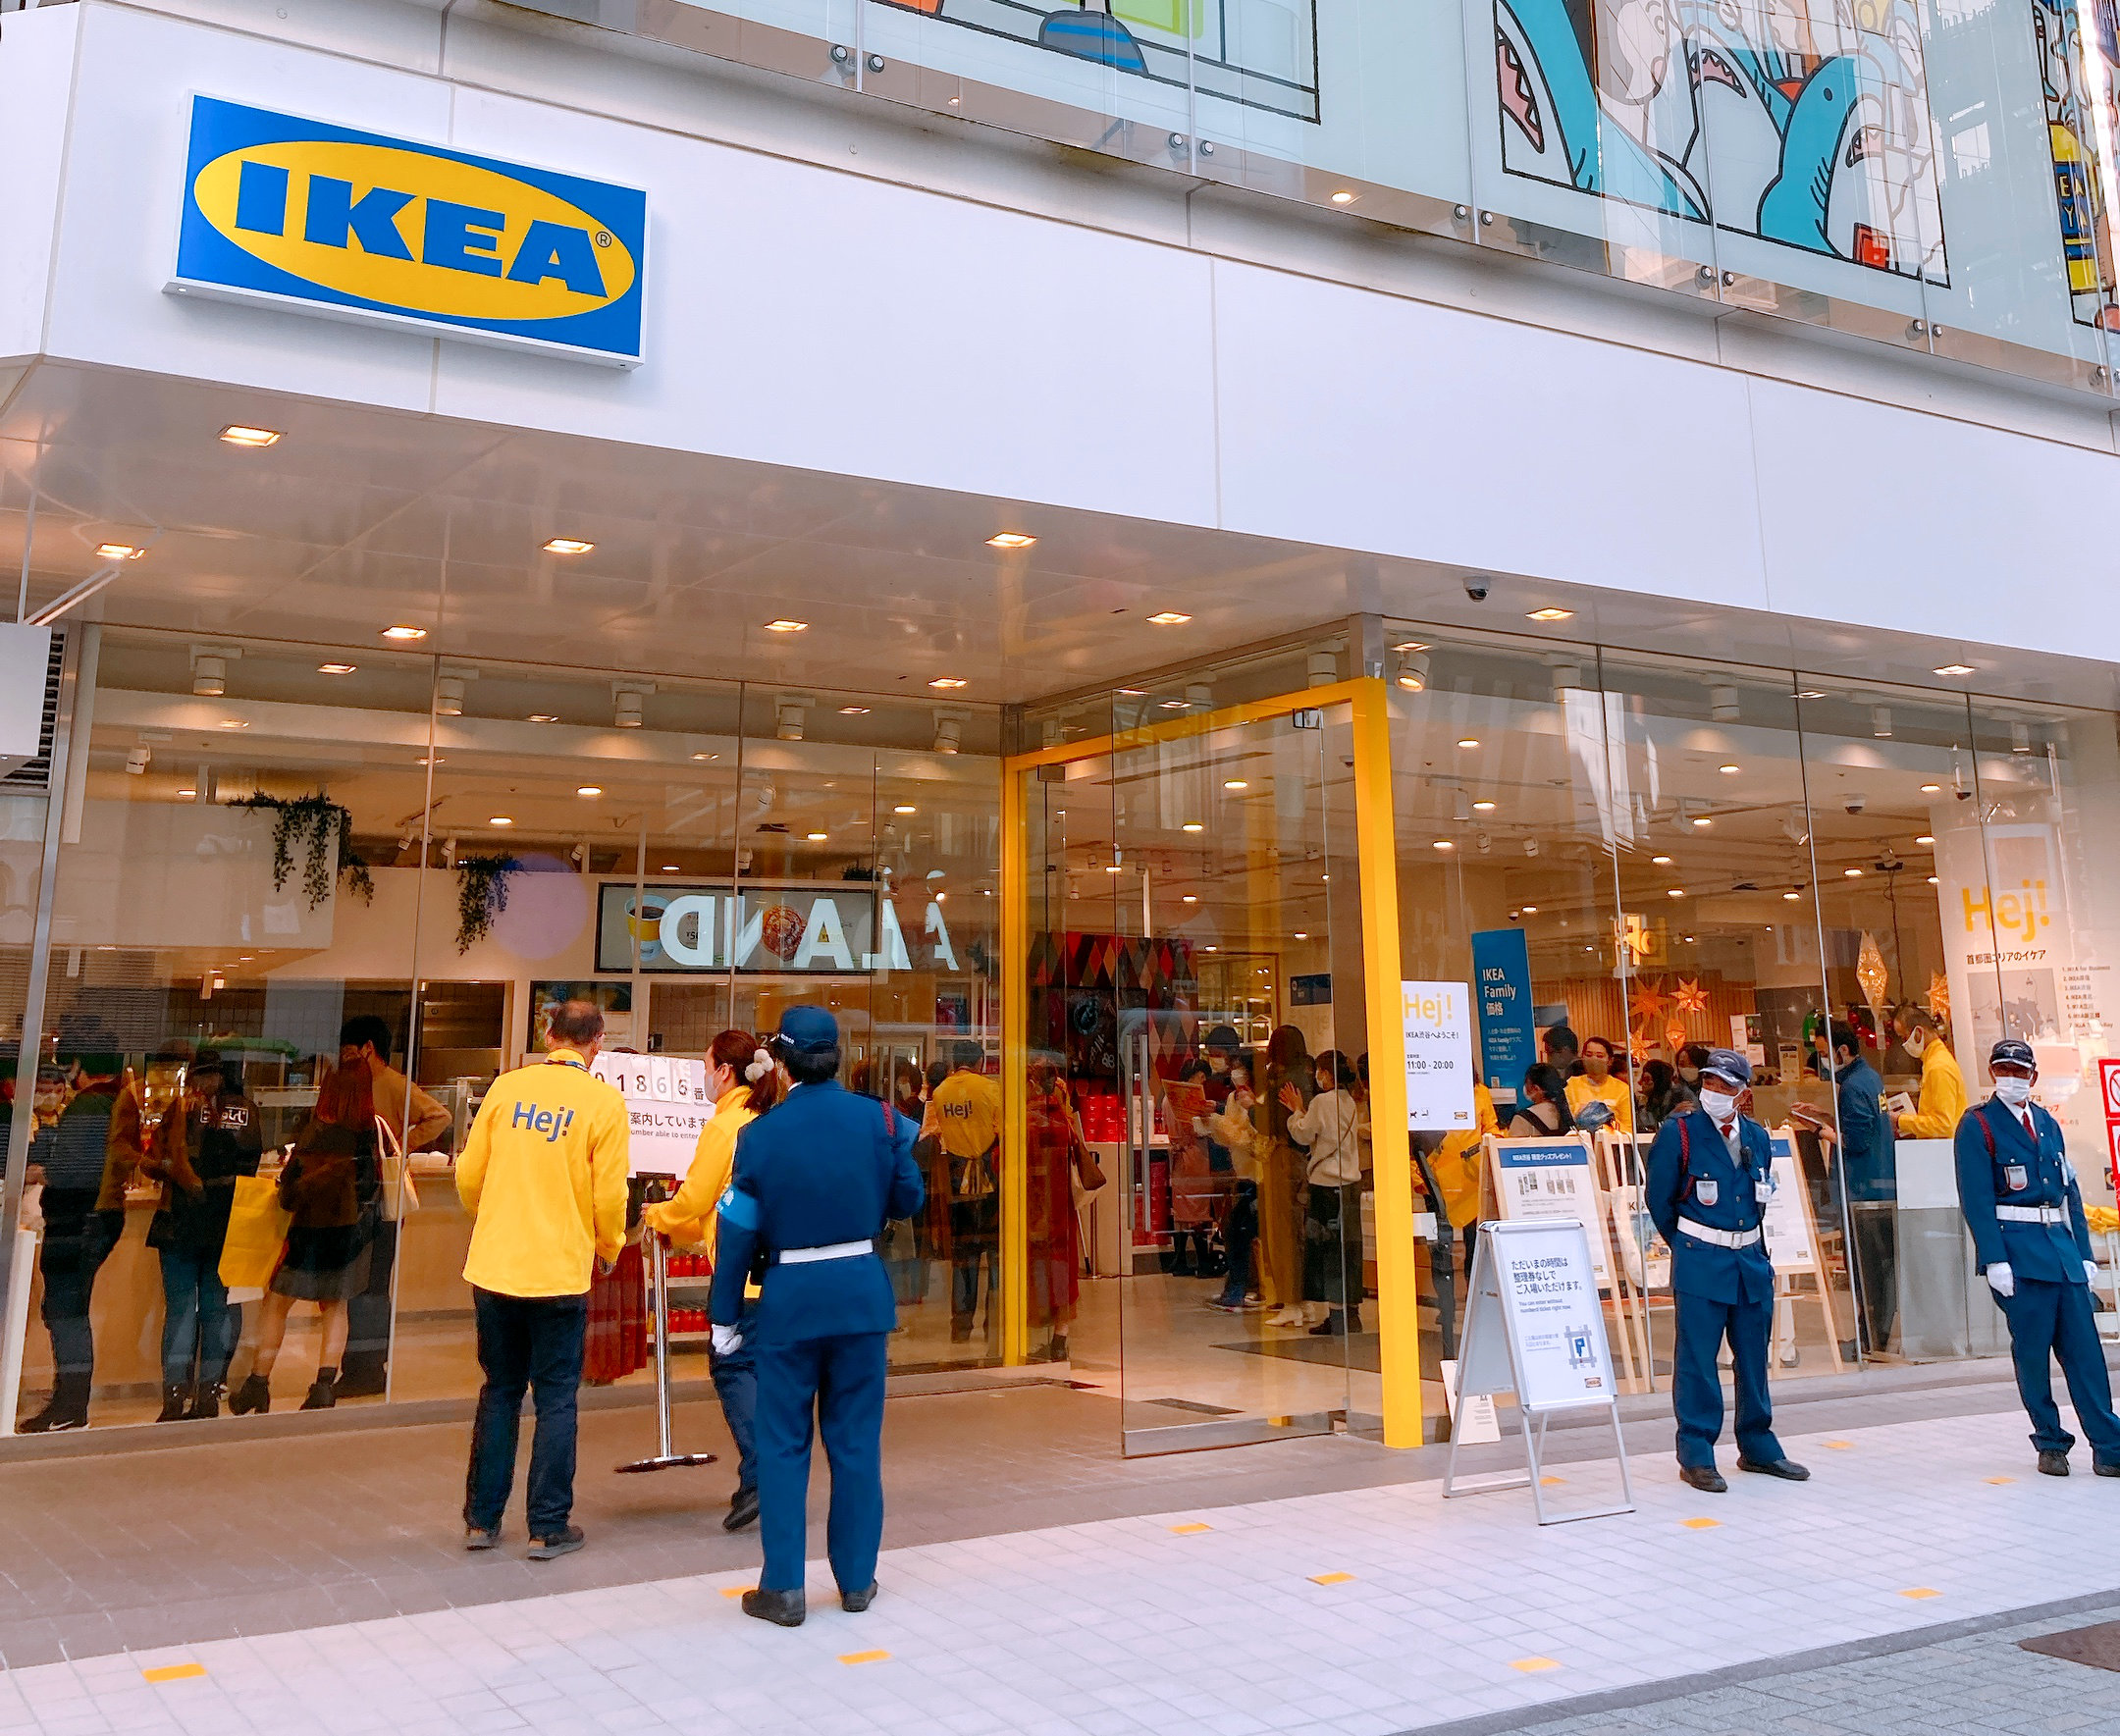 渋谷 ikea 「IKEA 渋谷」オープン!